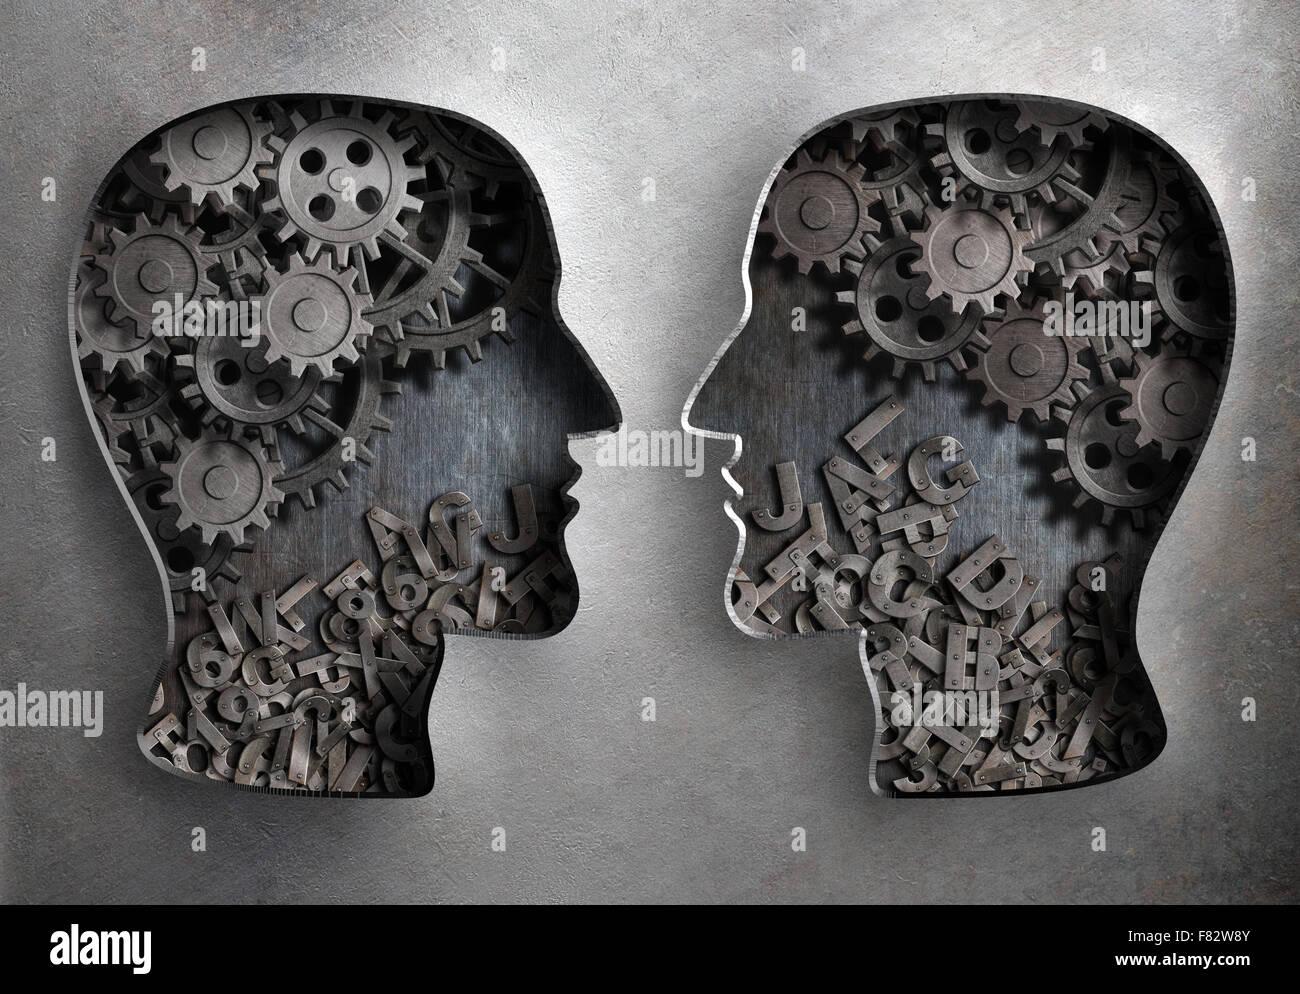 Dialog oder Kommunikations-, Informations- und Wissens-Austausch Stockbild